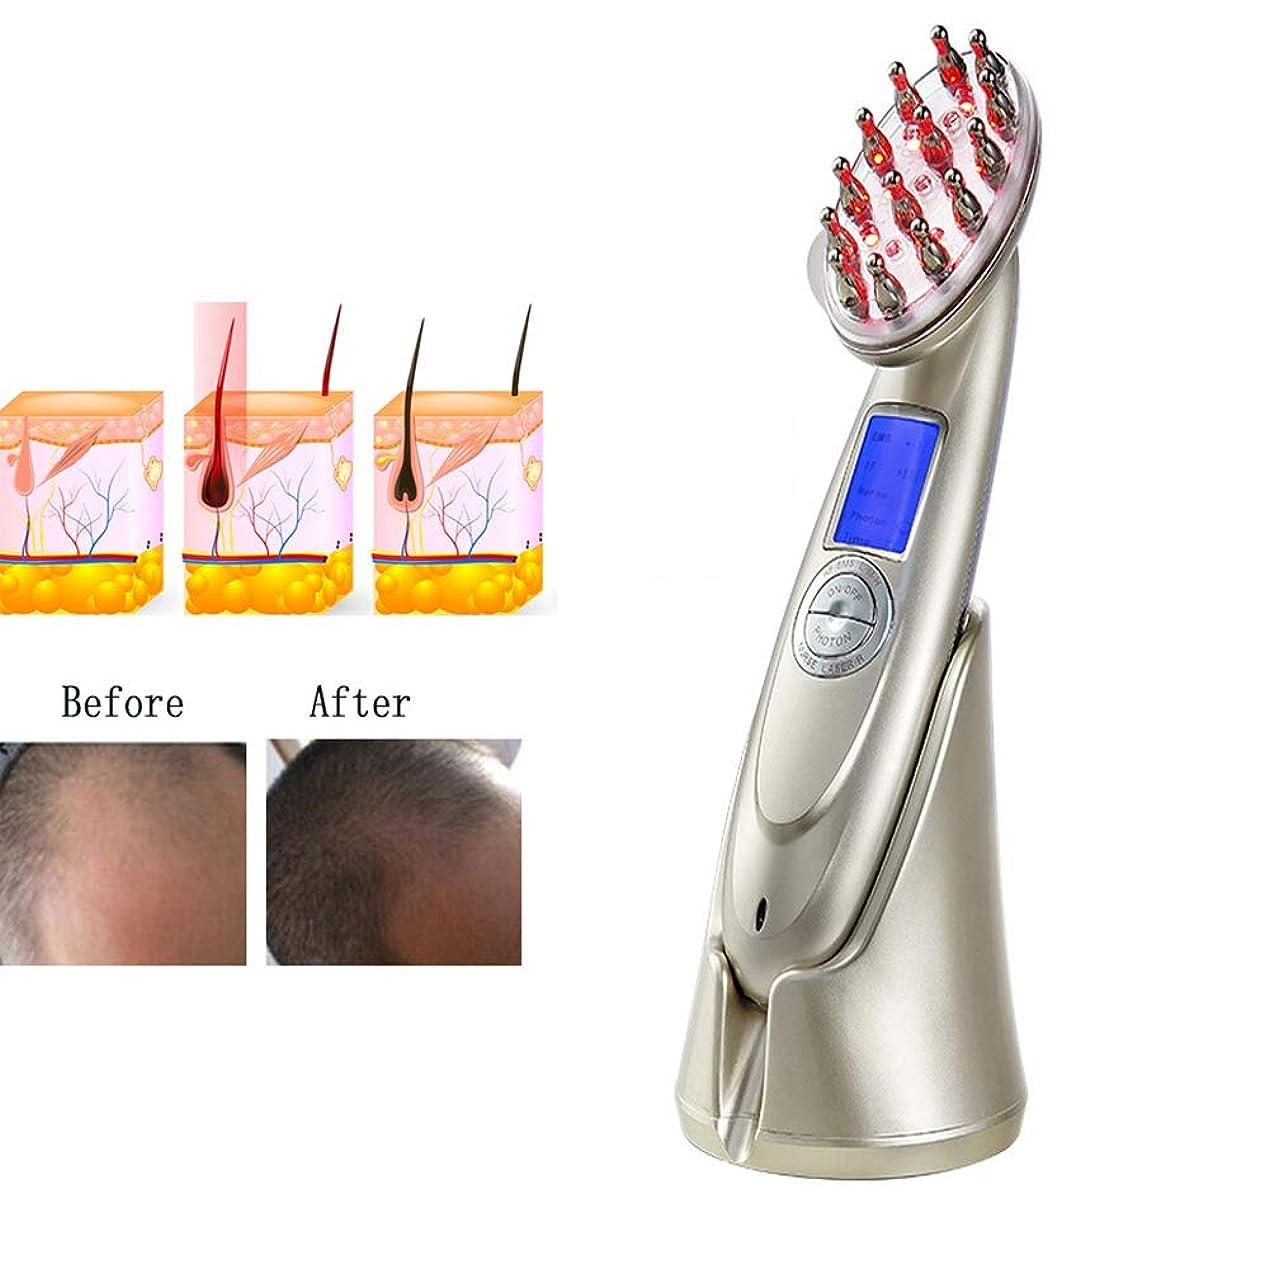 卒業折り目愛人プロの電気髪の成長レーザー櫛 RF EMS LED 光子光療法ブラシ抗脱毛治療マッサージの健康胚ブラシをアップグレードします。